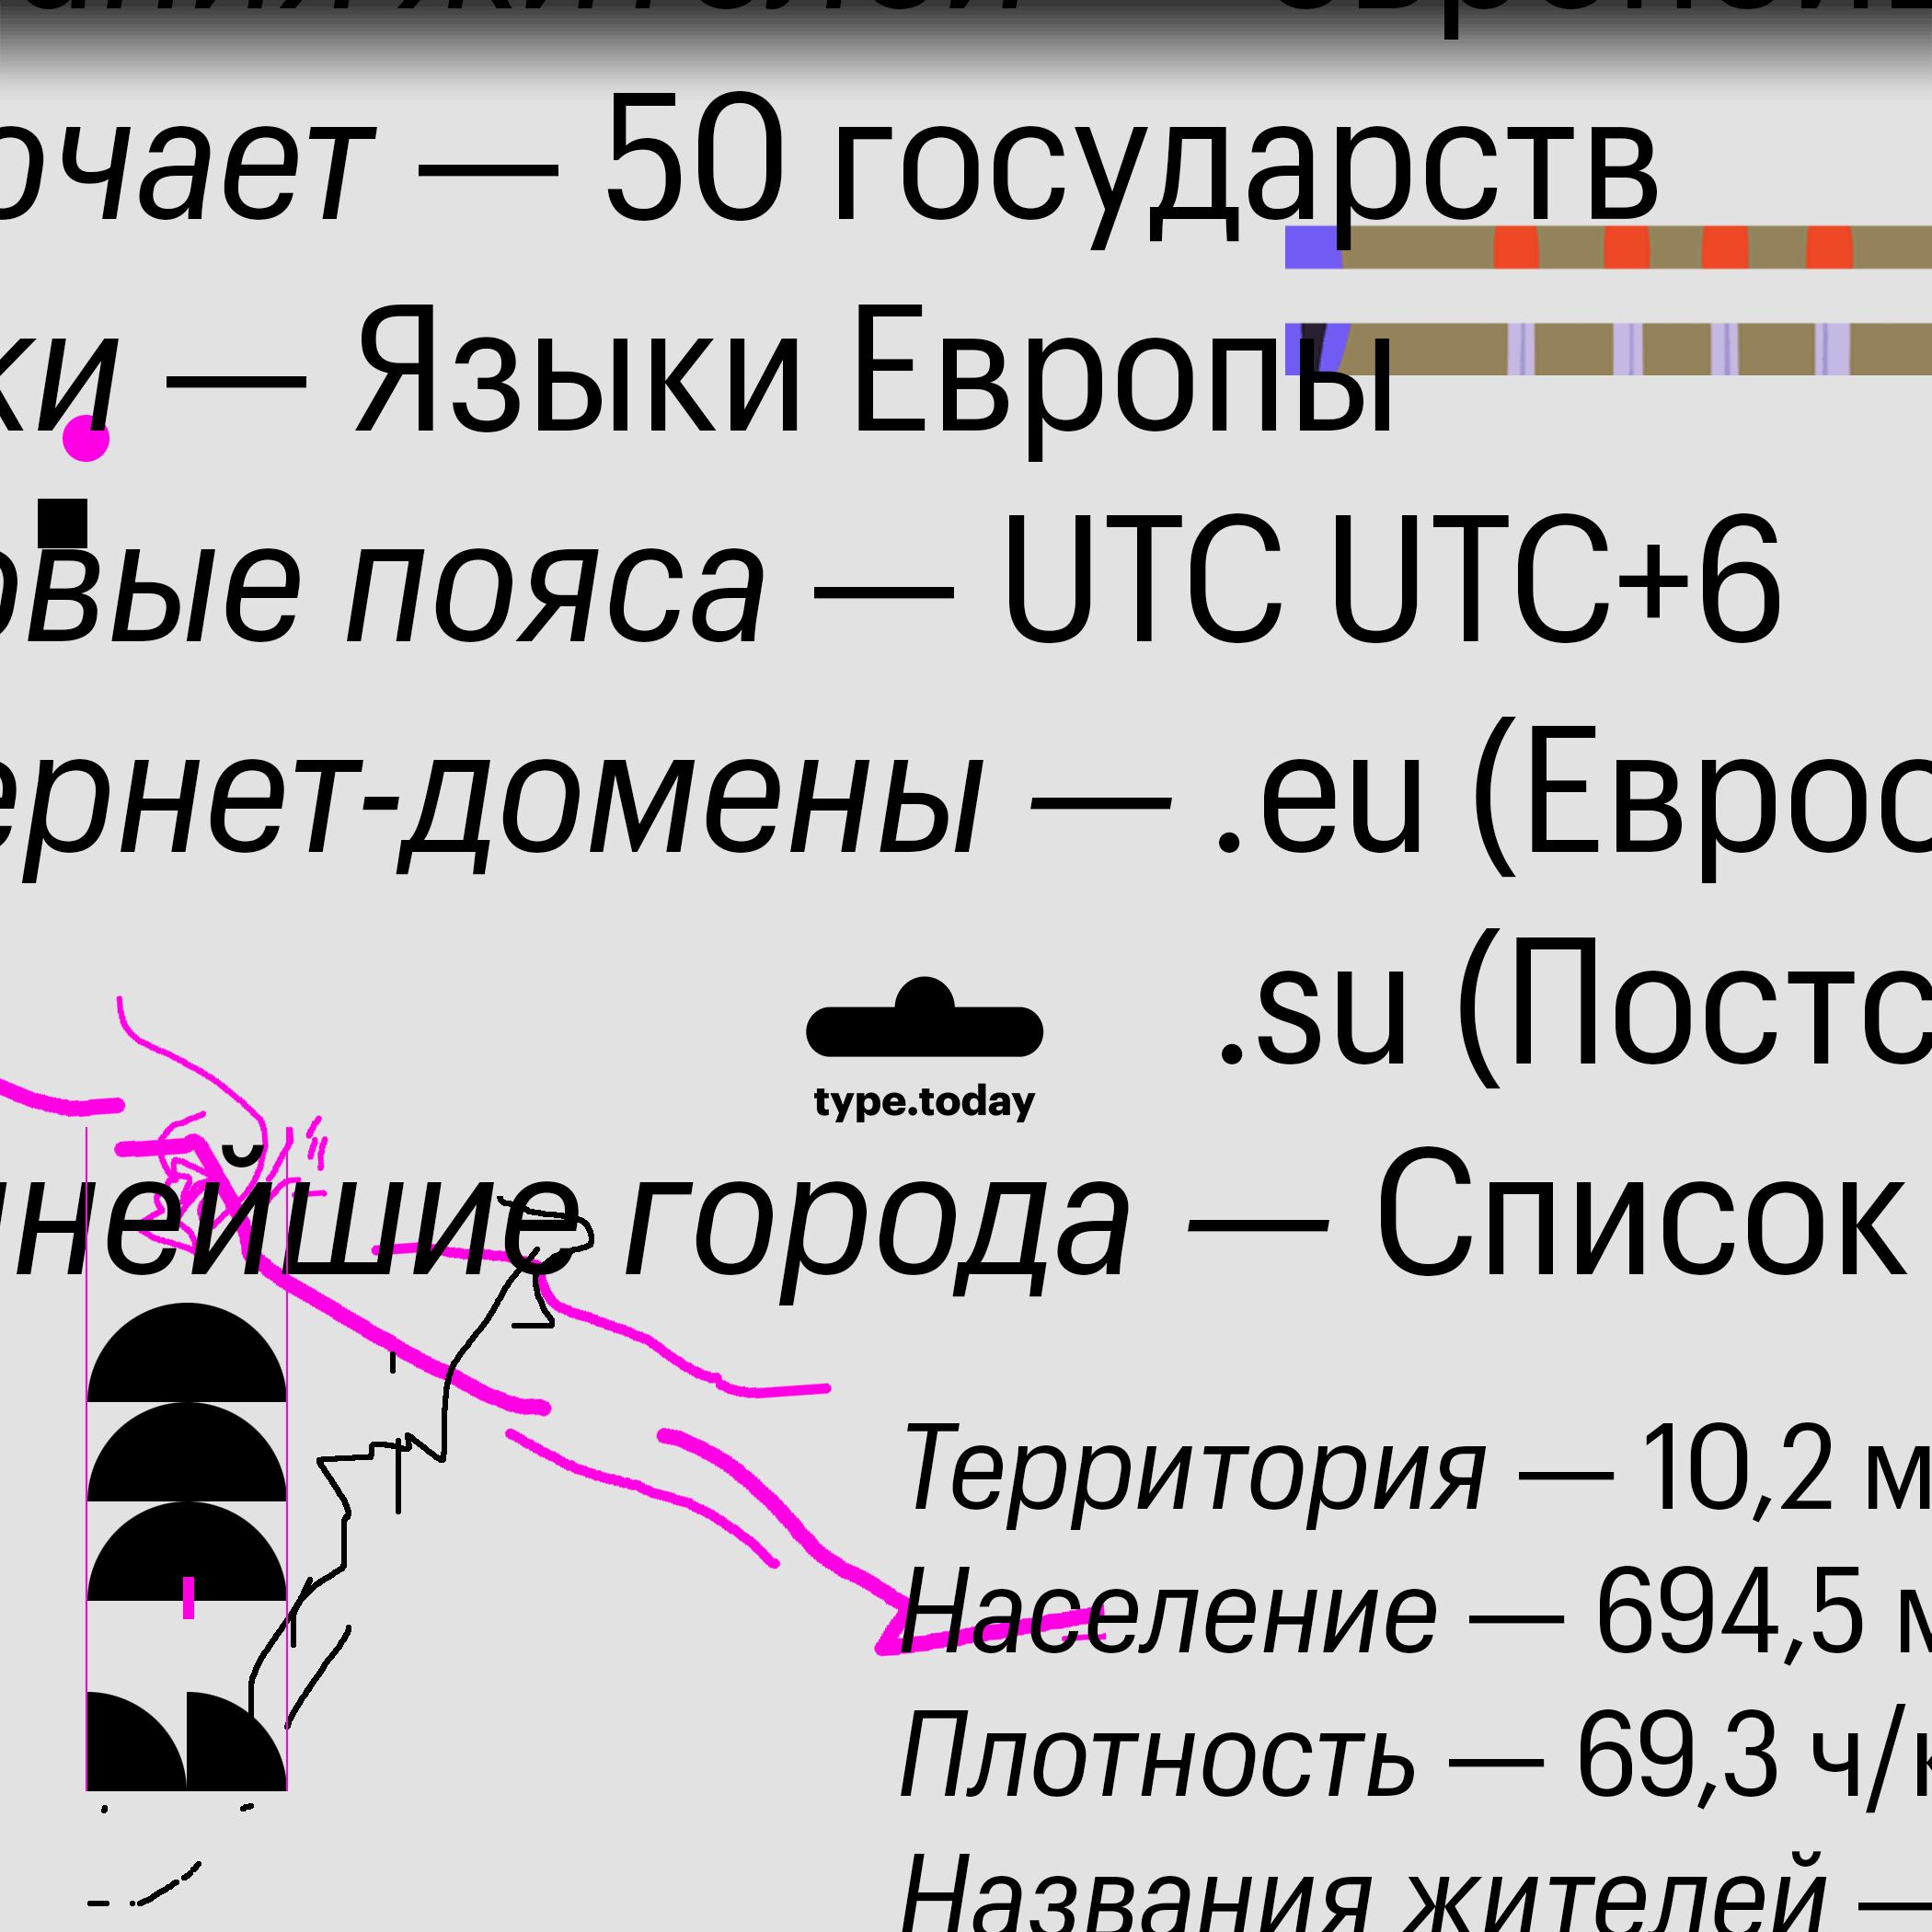 tt_GraphikCompact_07